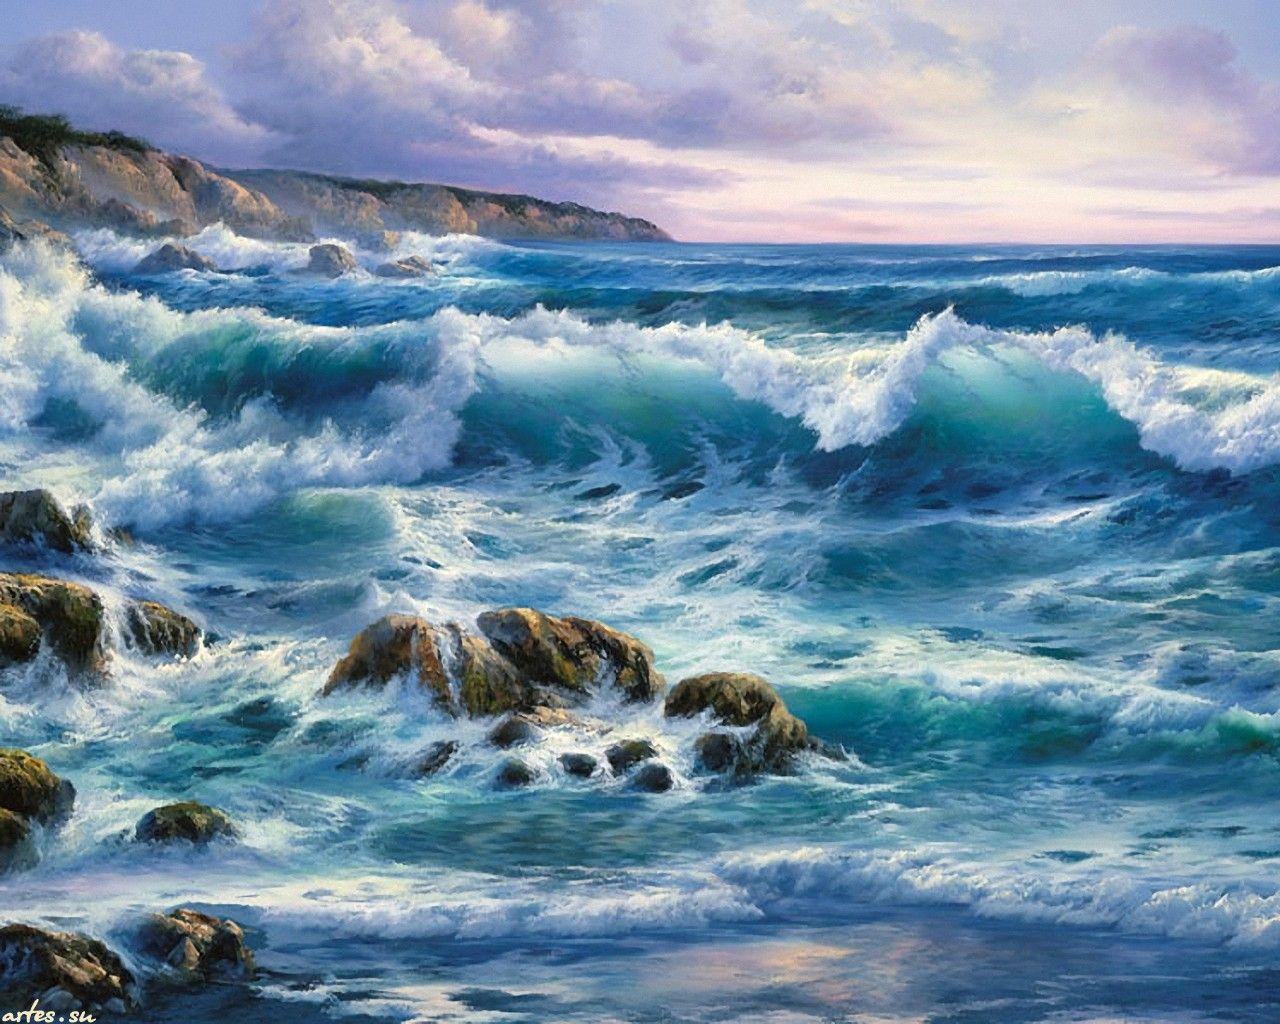 Картины моря картинки